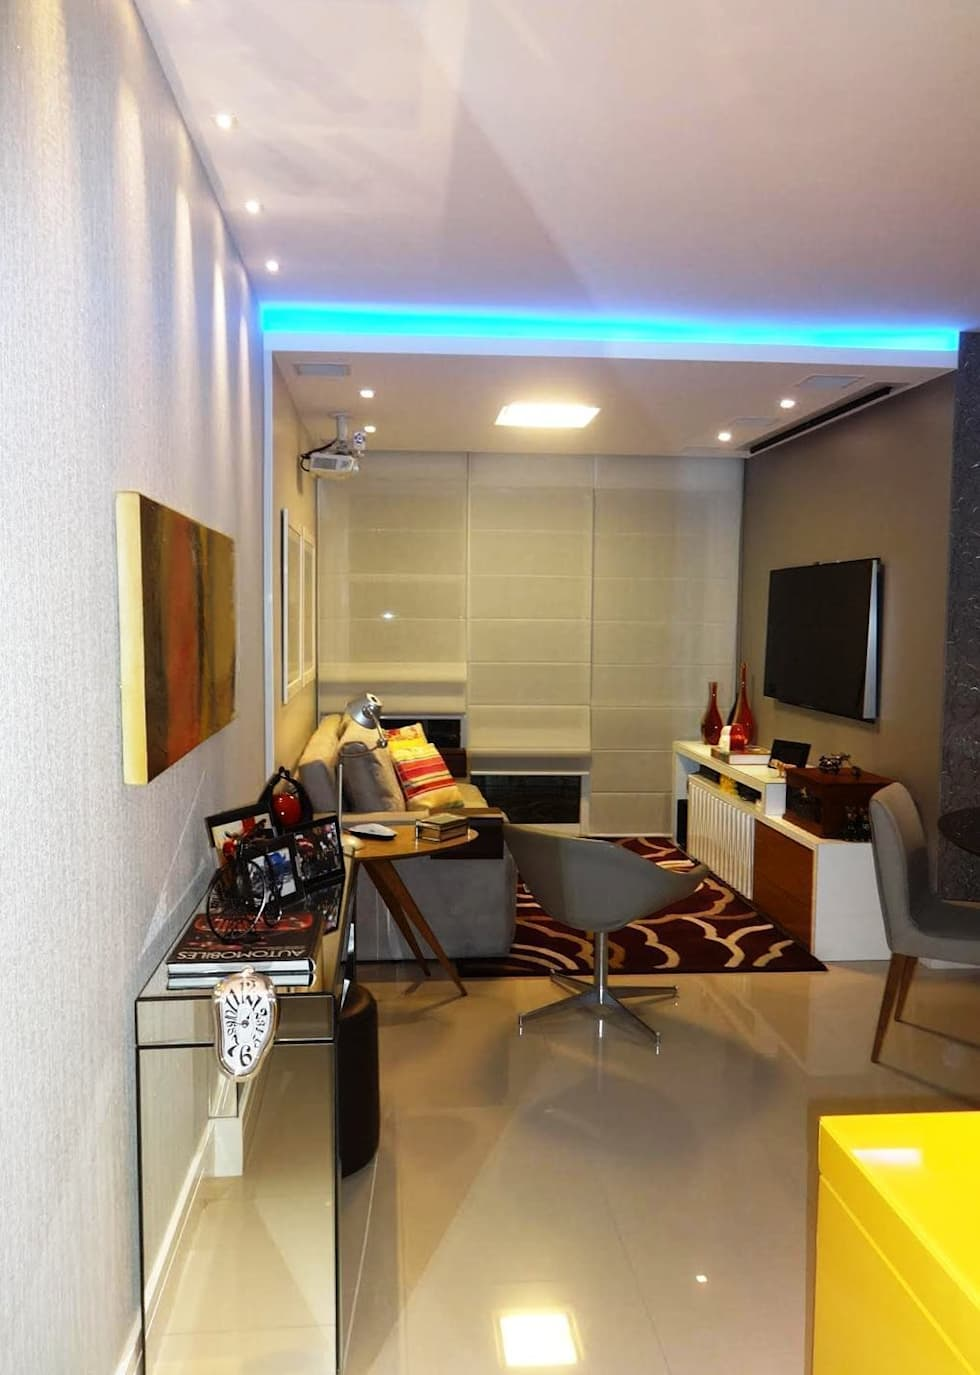 Sala de estar: Salas de estar modernas por Lúcia Vale Interiores